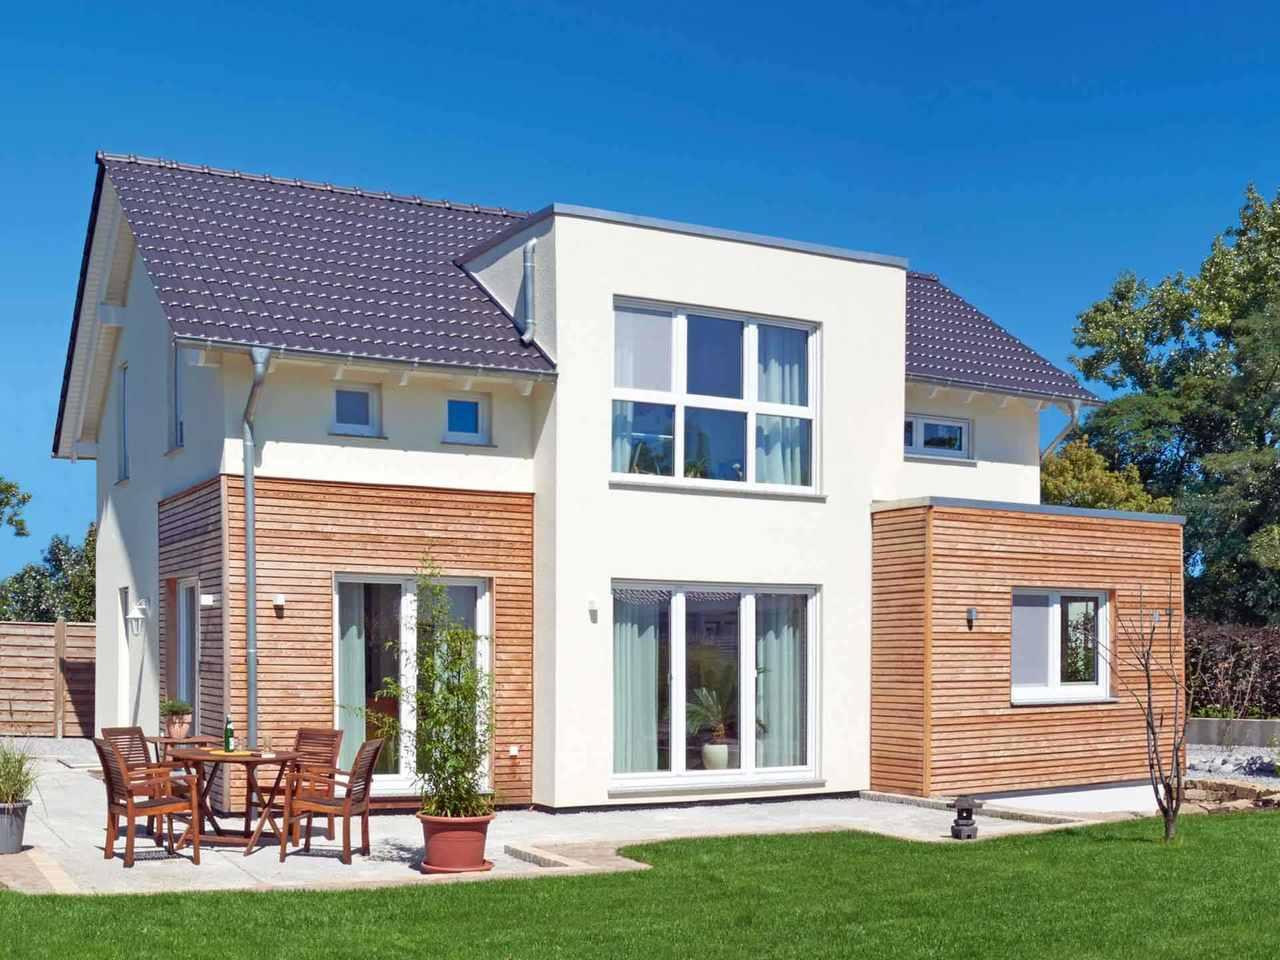 Einfamilienhaus Solaris - Fingerhut Haus